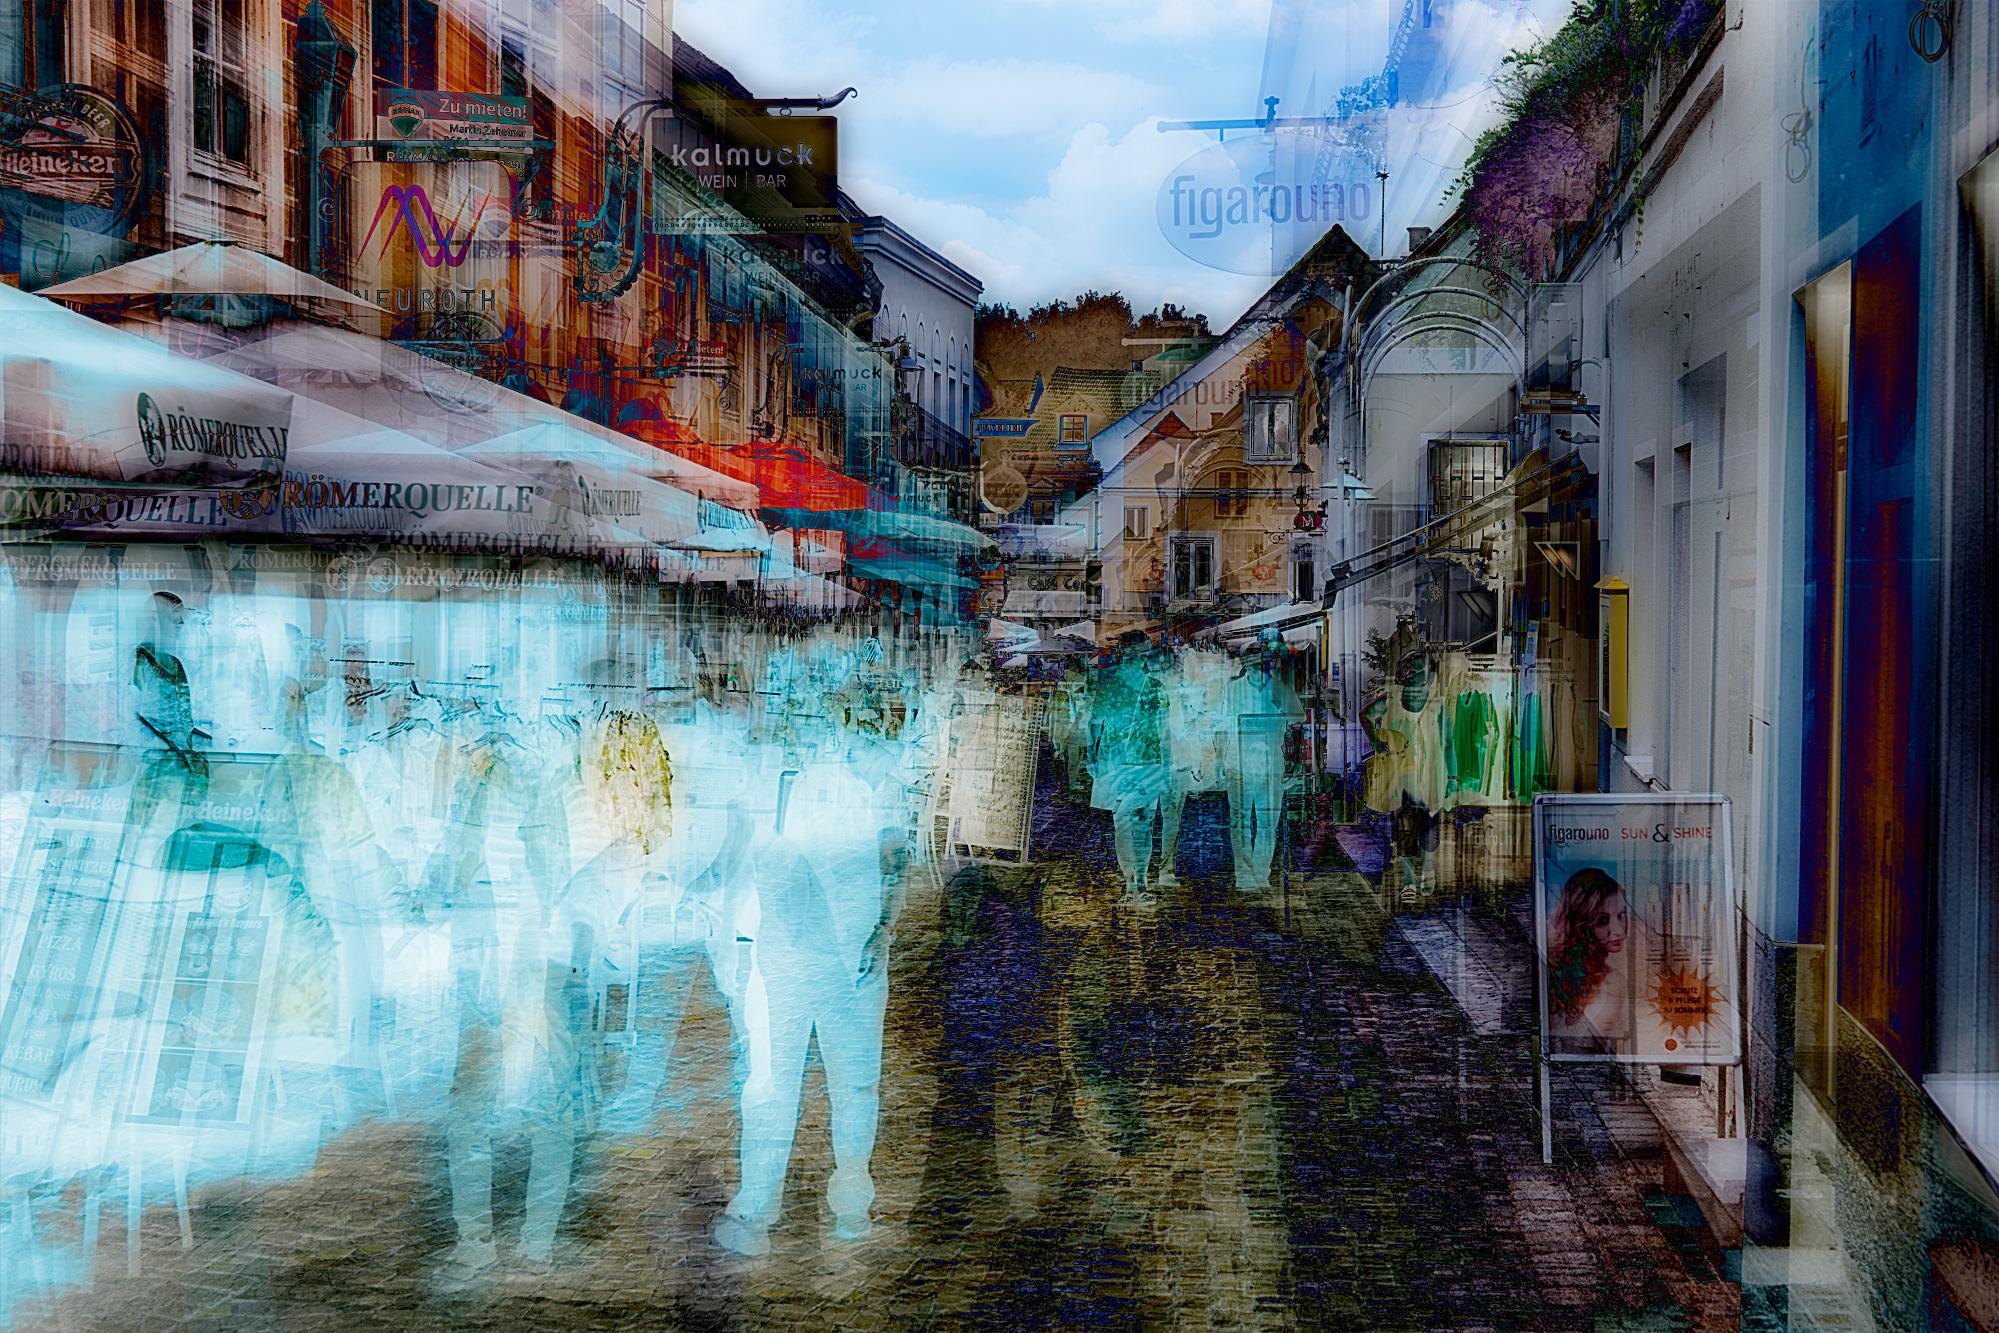 blauewelle-durchflutet die stadt